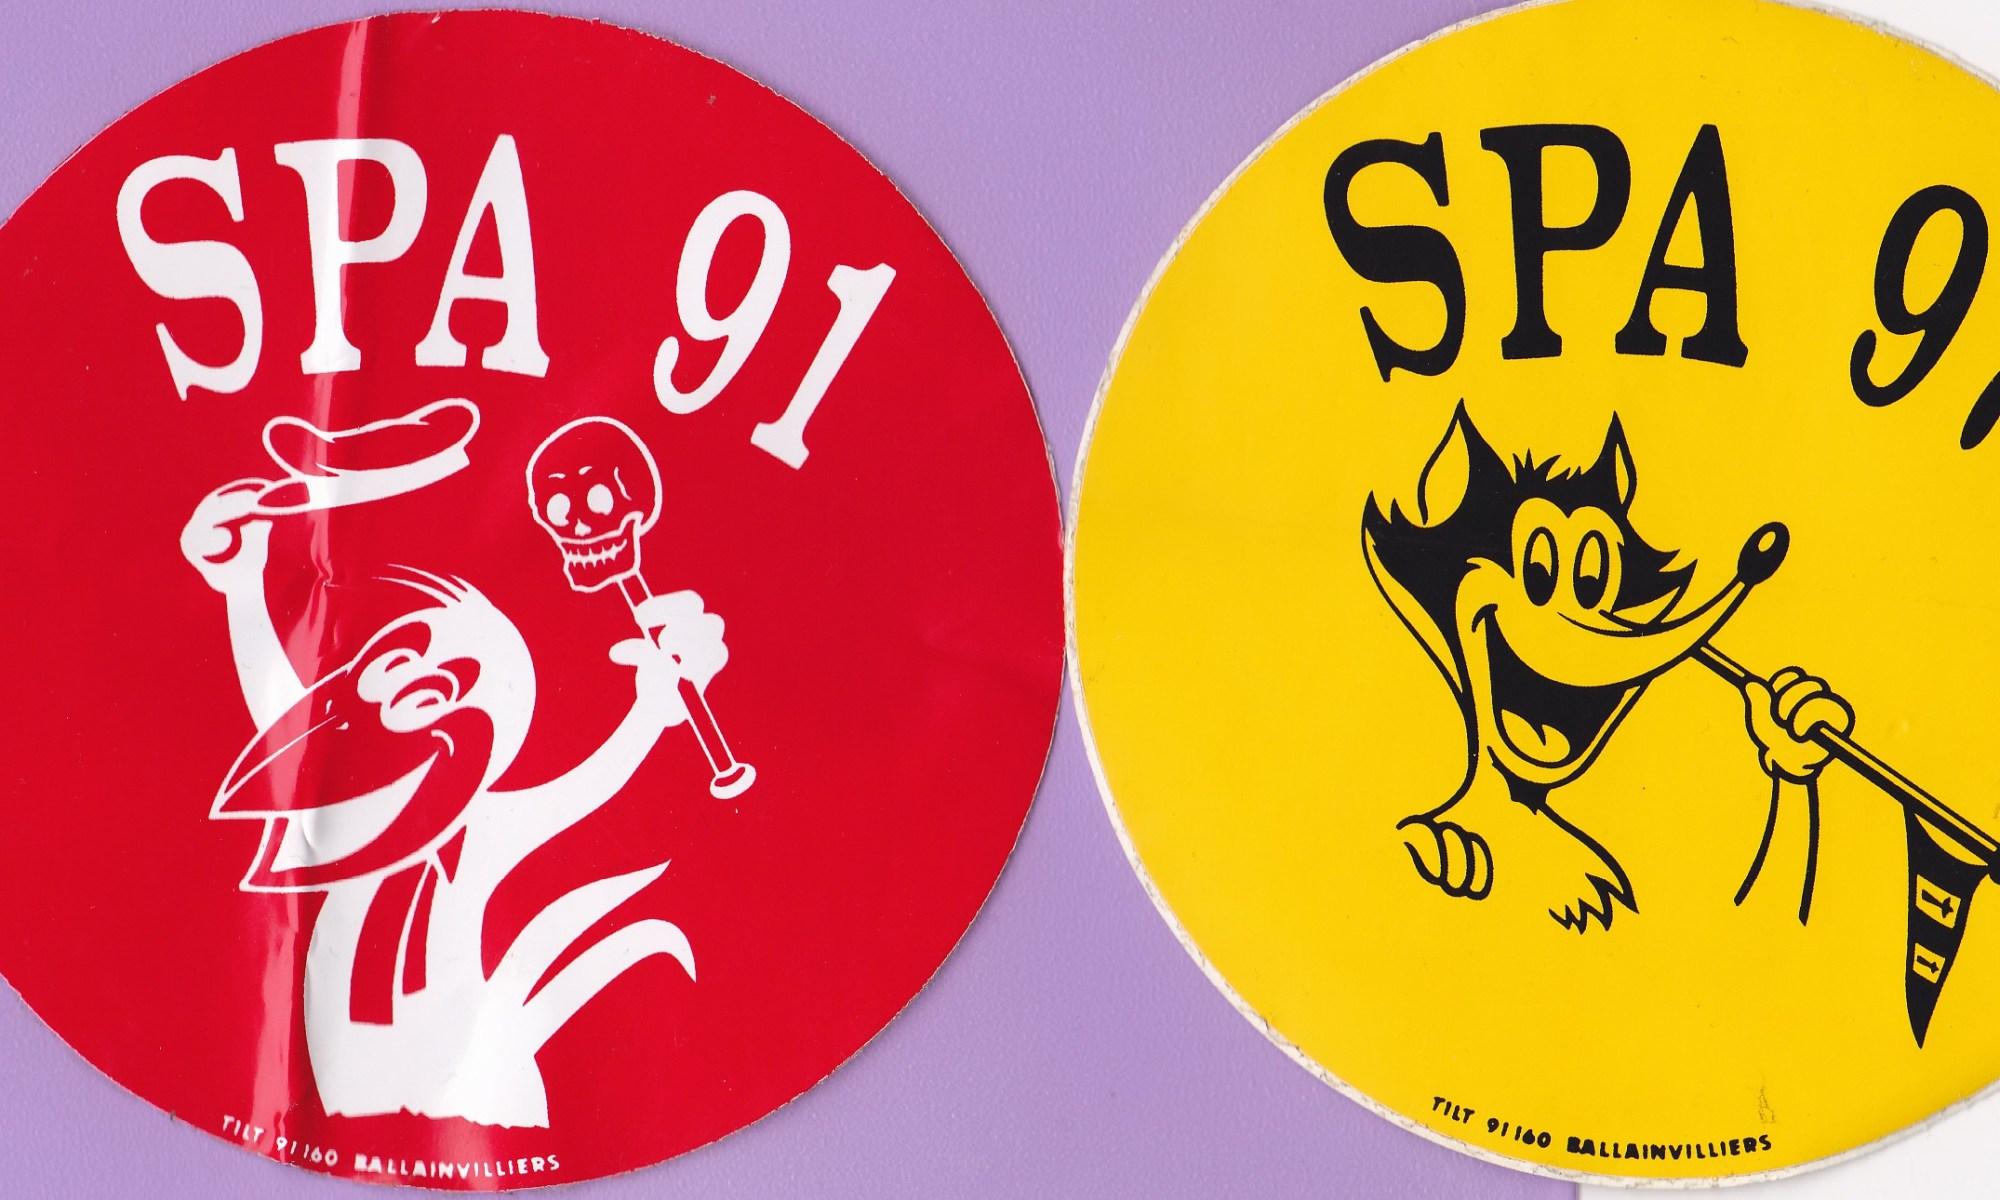 SPA 91 SPA 97